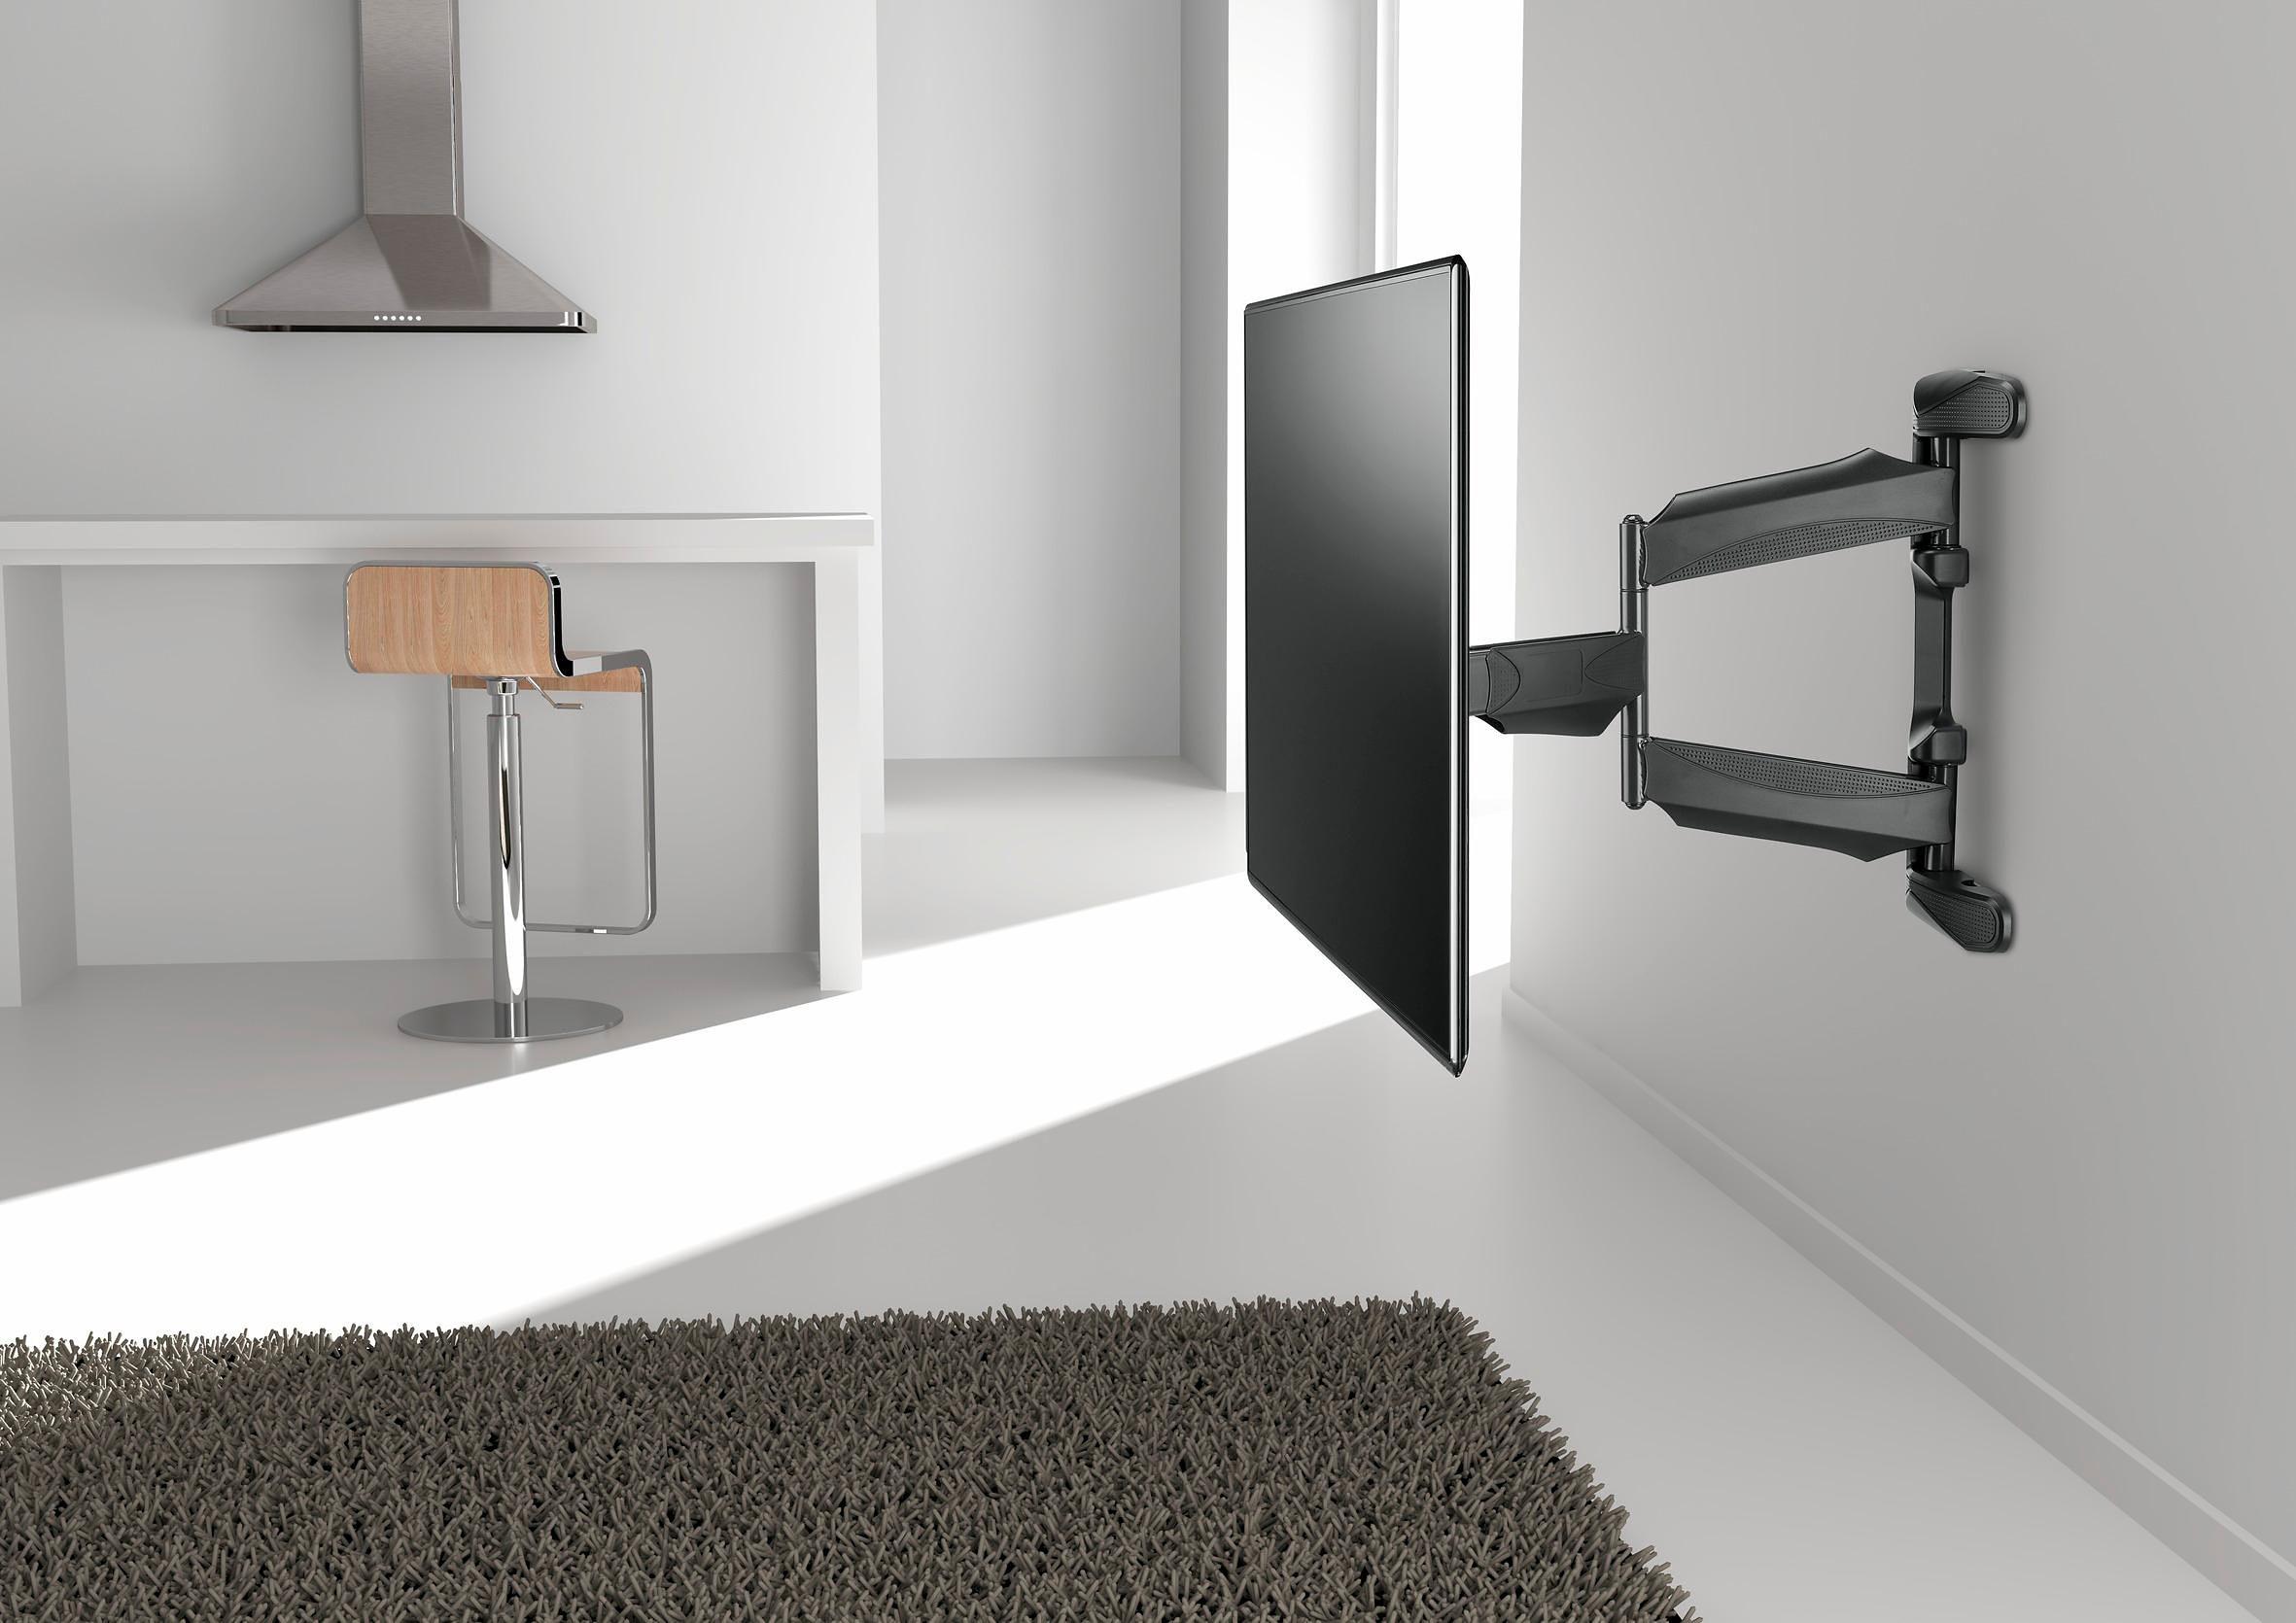 vogel's® TV-Wandhalter »BASE 45 S« schwenkbar, für 48-94 cm (19-37 Zoll) Fernseher, VESA 200x200